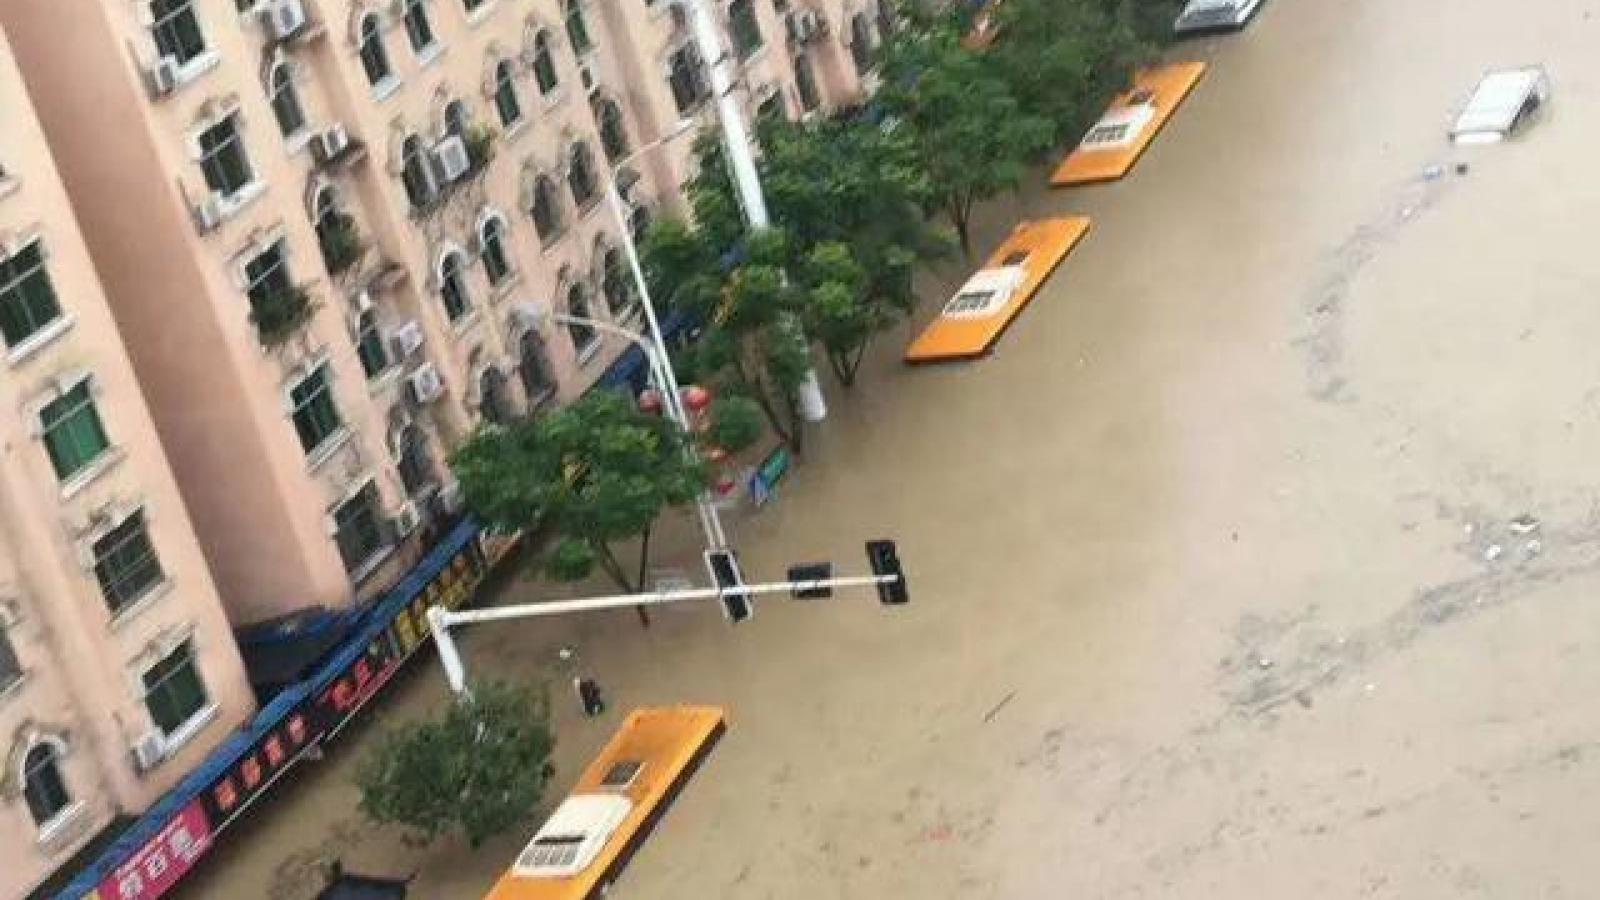 """Trung Quốc: Ân Thi, Hồ Bắc báo động phòng không, """"đại hồng thủy"""" ở Thái Hồ"""